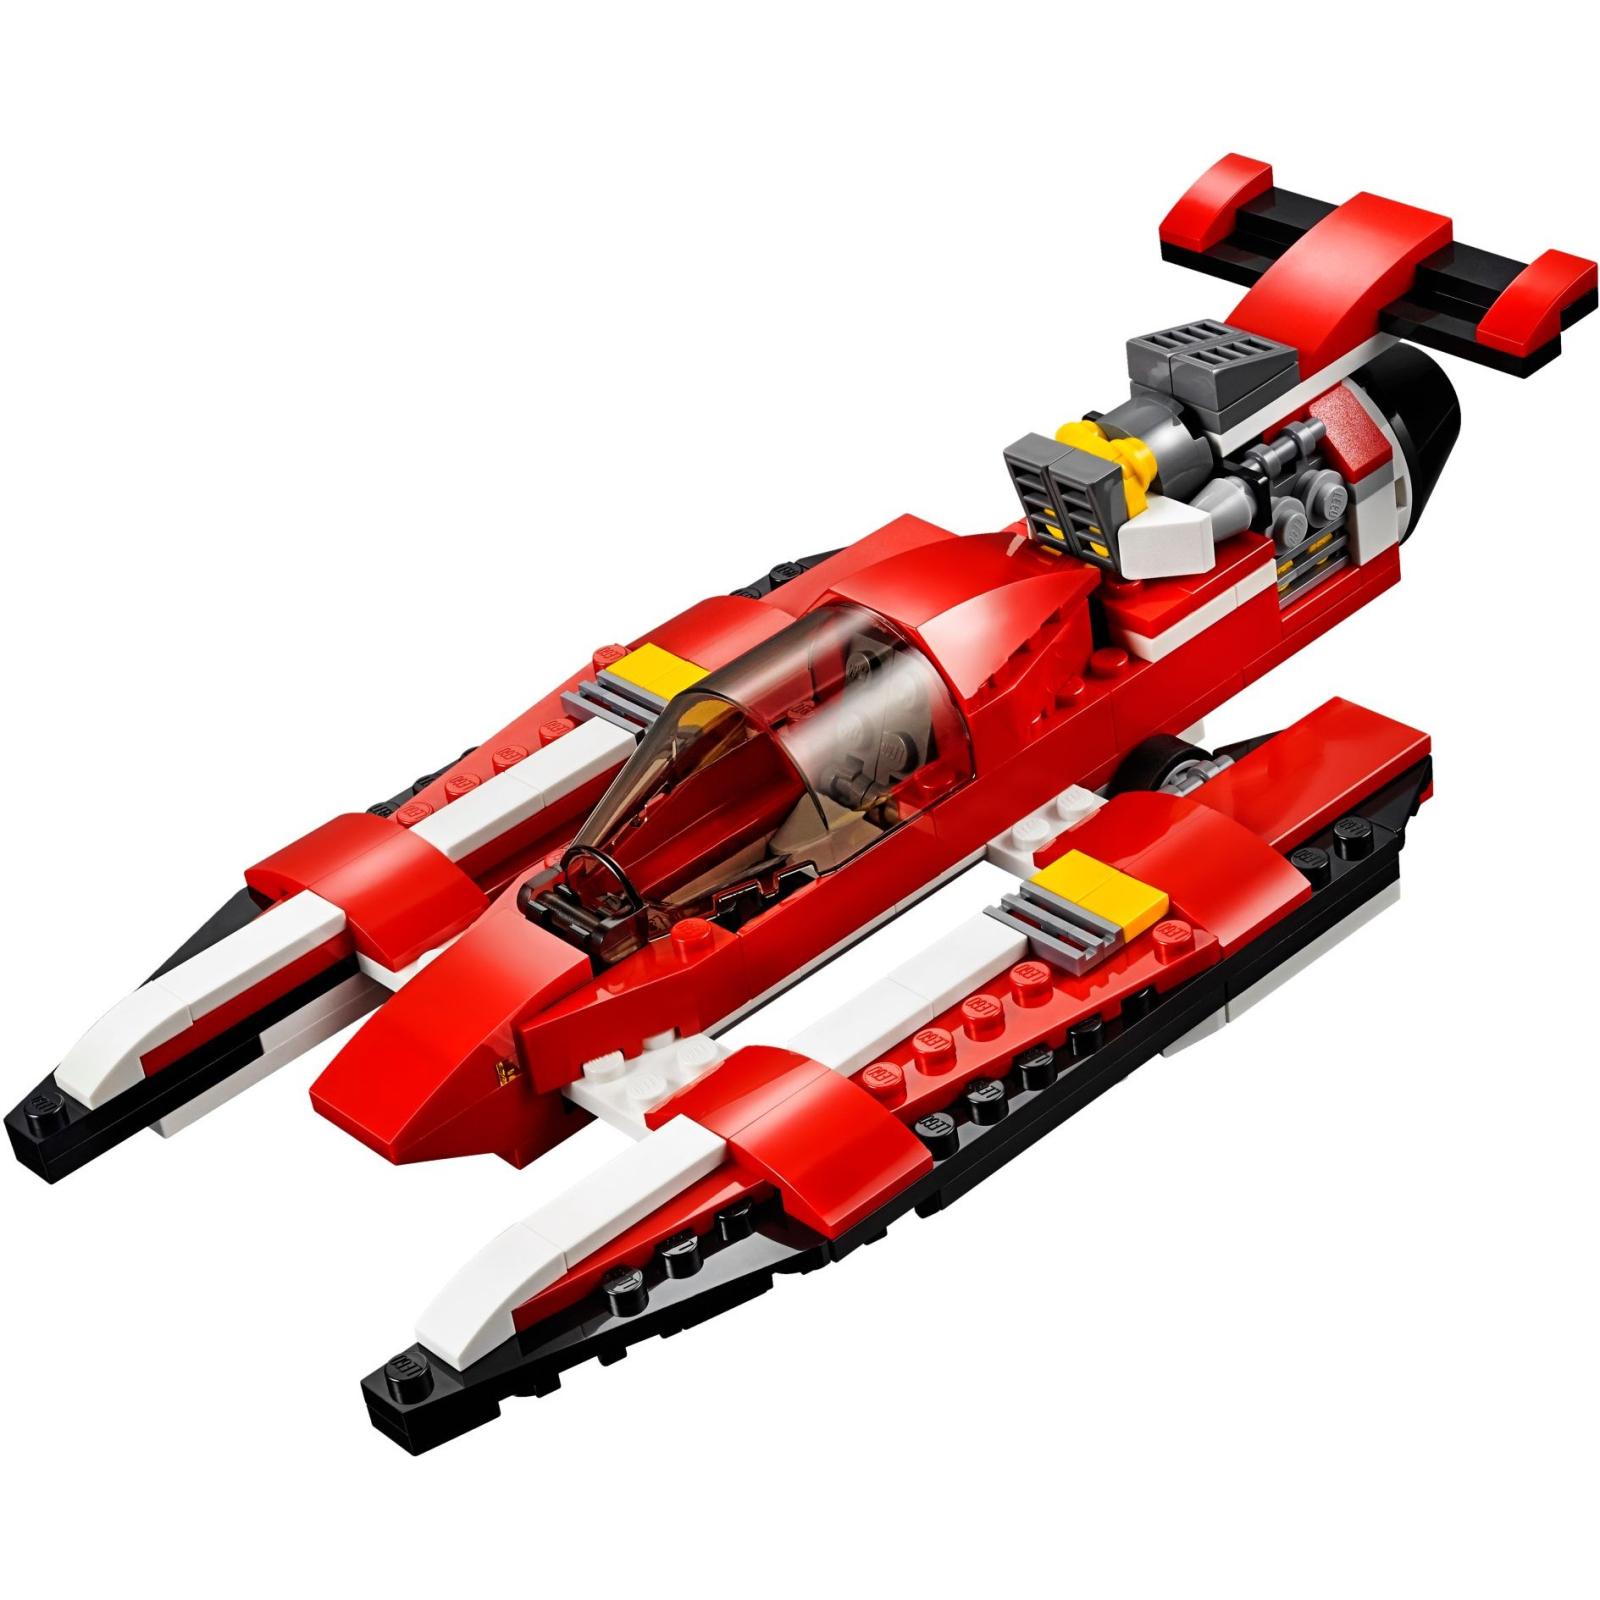 Конструктор LEGO Creator Путешествие по воздуху (31047) изображение 6